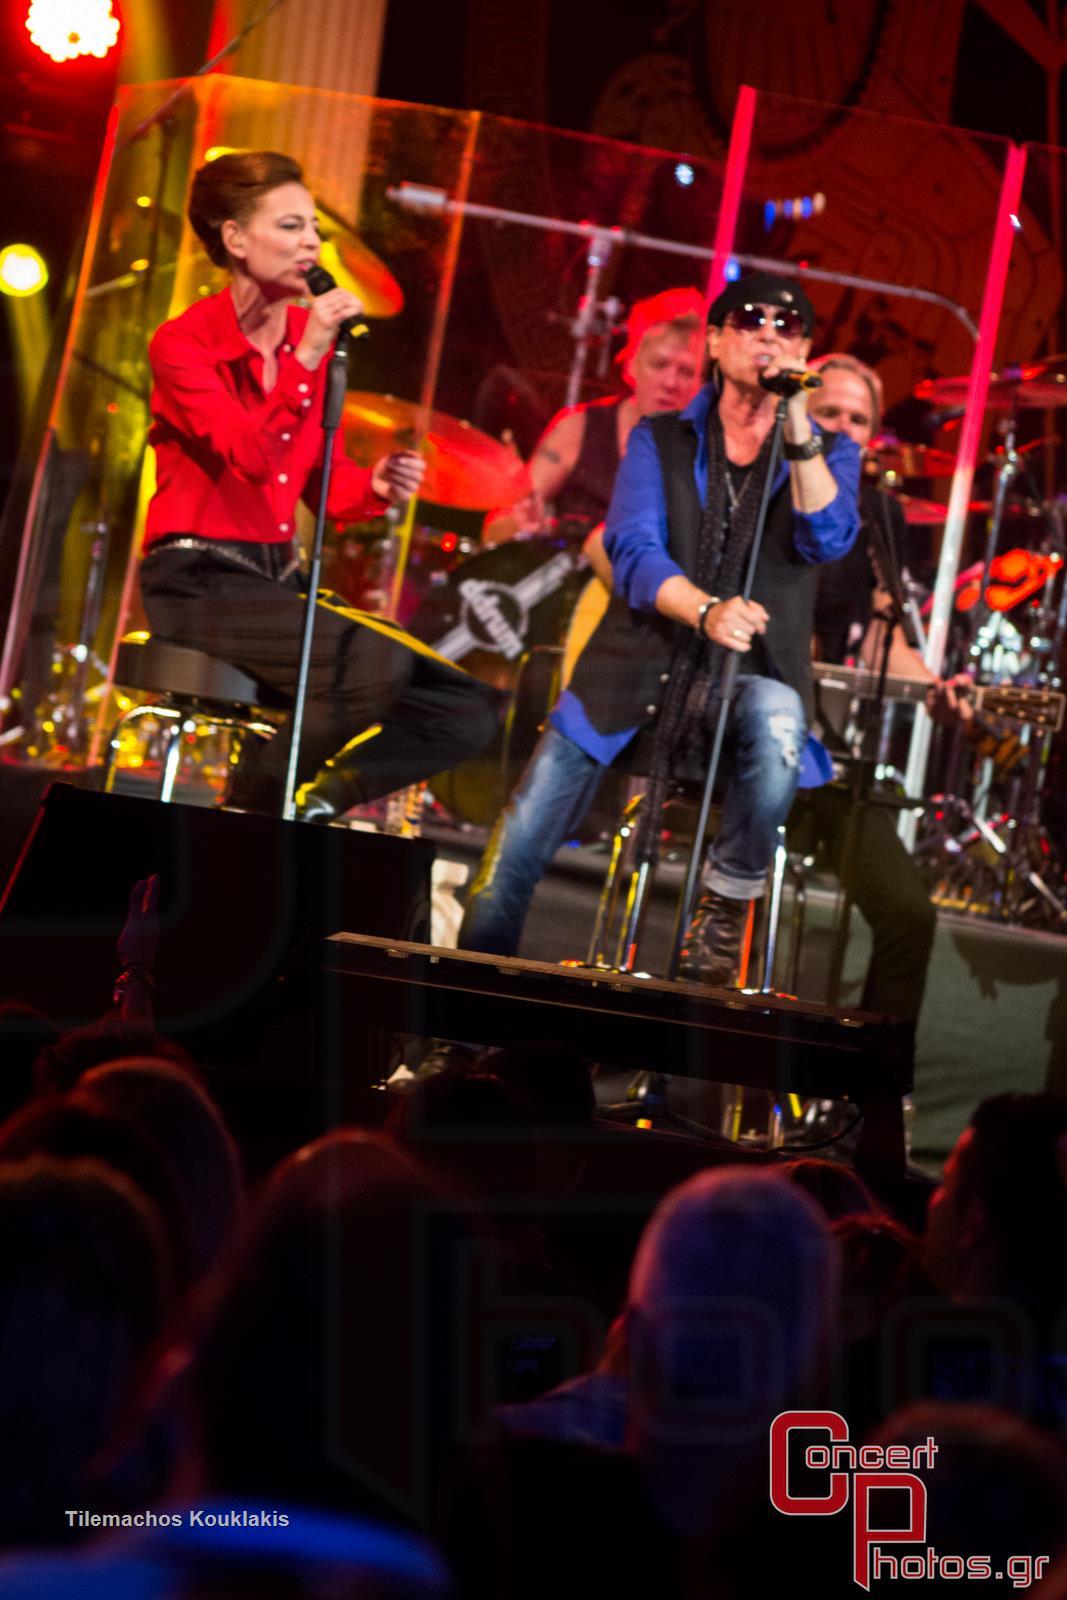 Scorpions-Scorpions photographer: Tilemachos Kouklakis - concertphotos_-6741